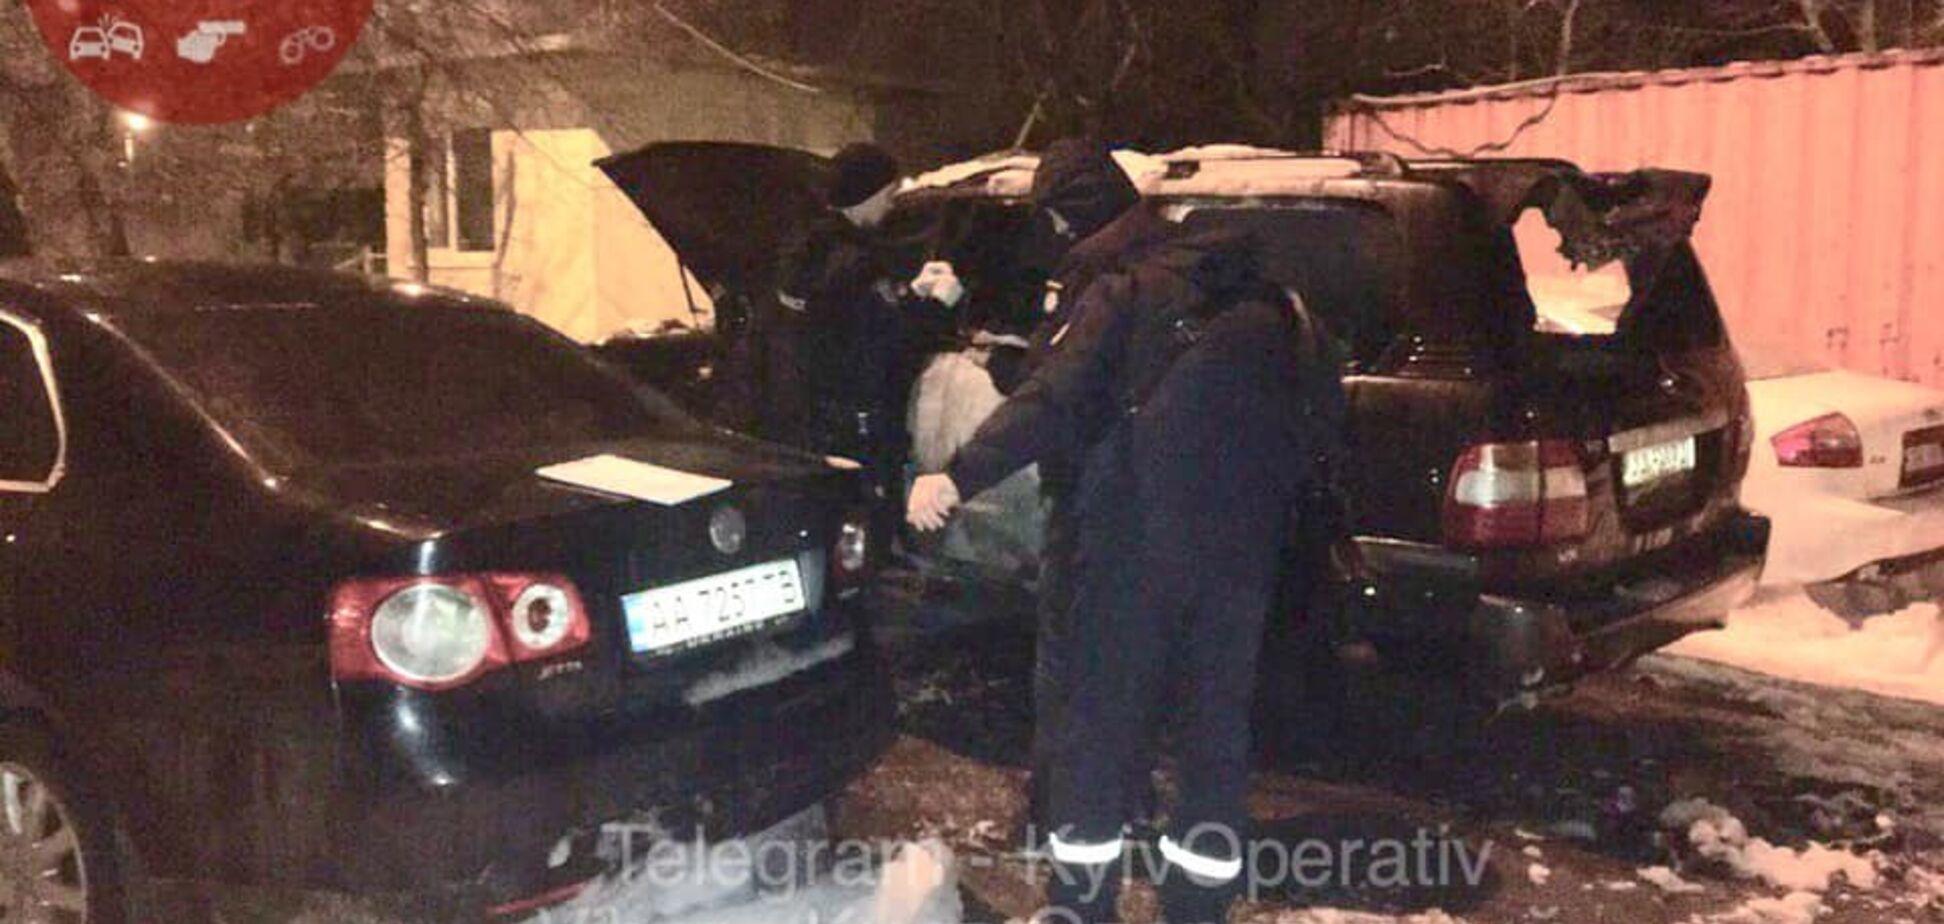 Бросили ''коктейль Молотова'': в Киеве неизвестные подожгли парковку авто